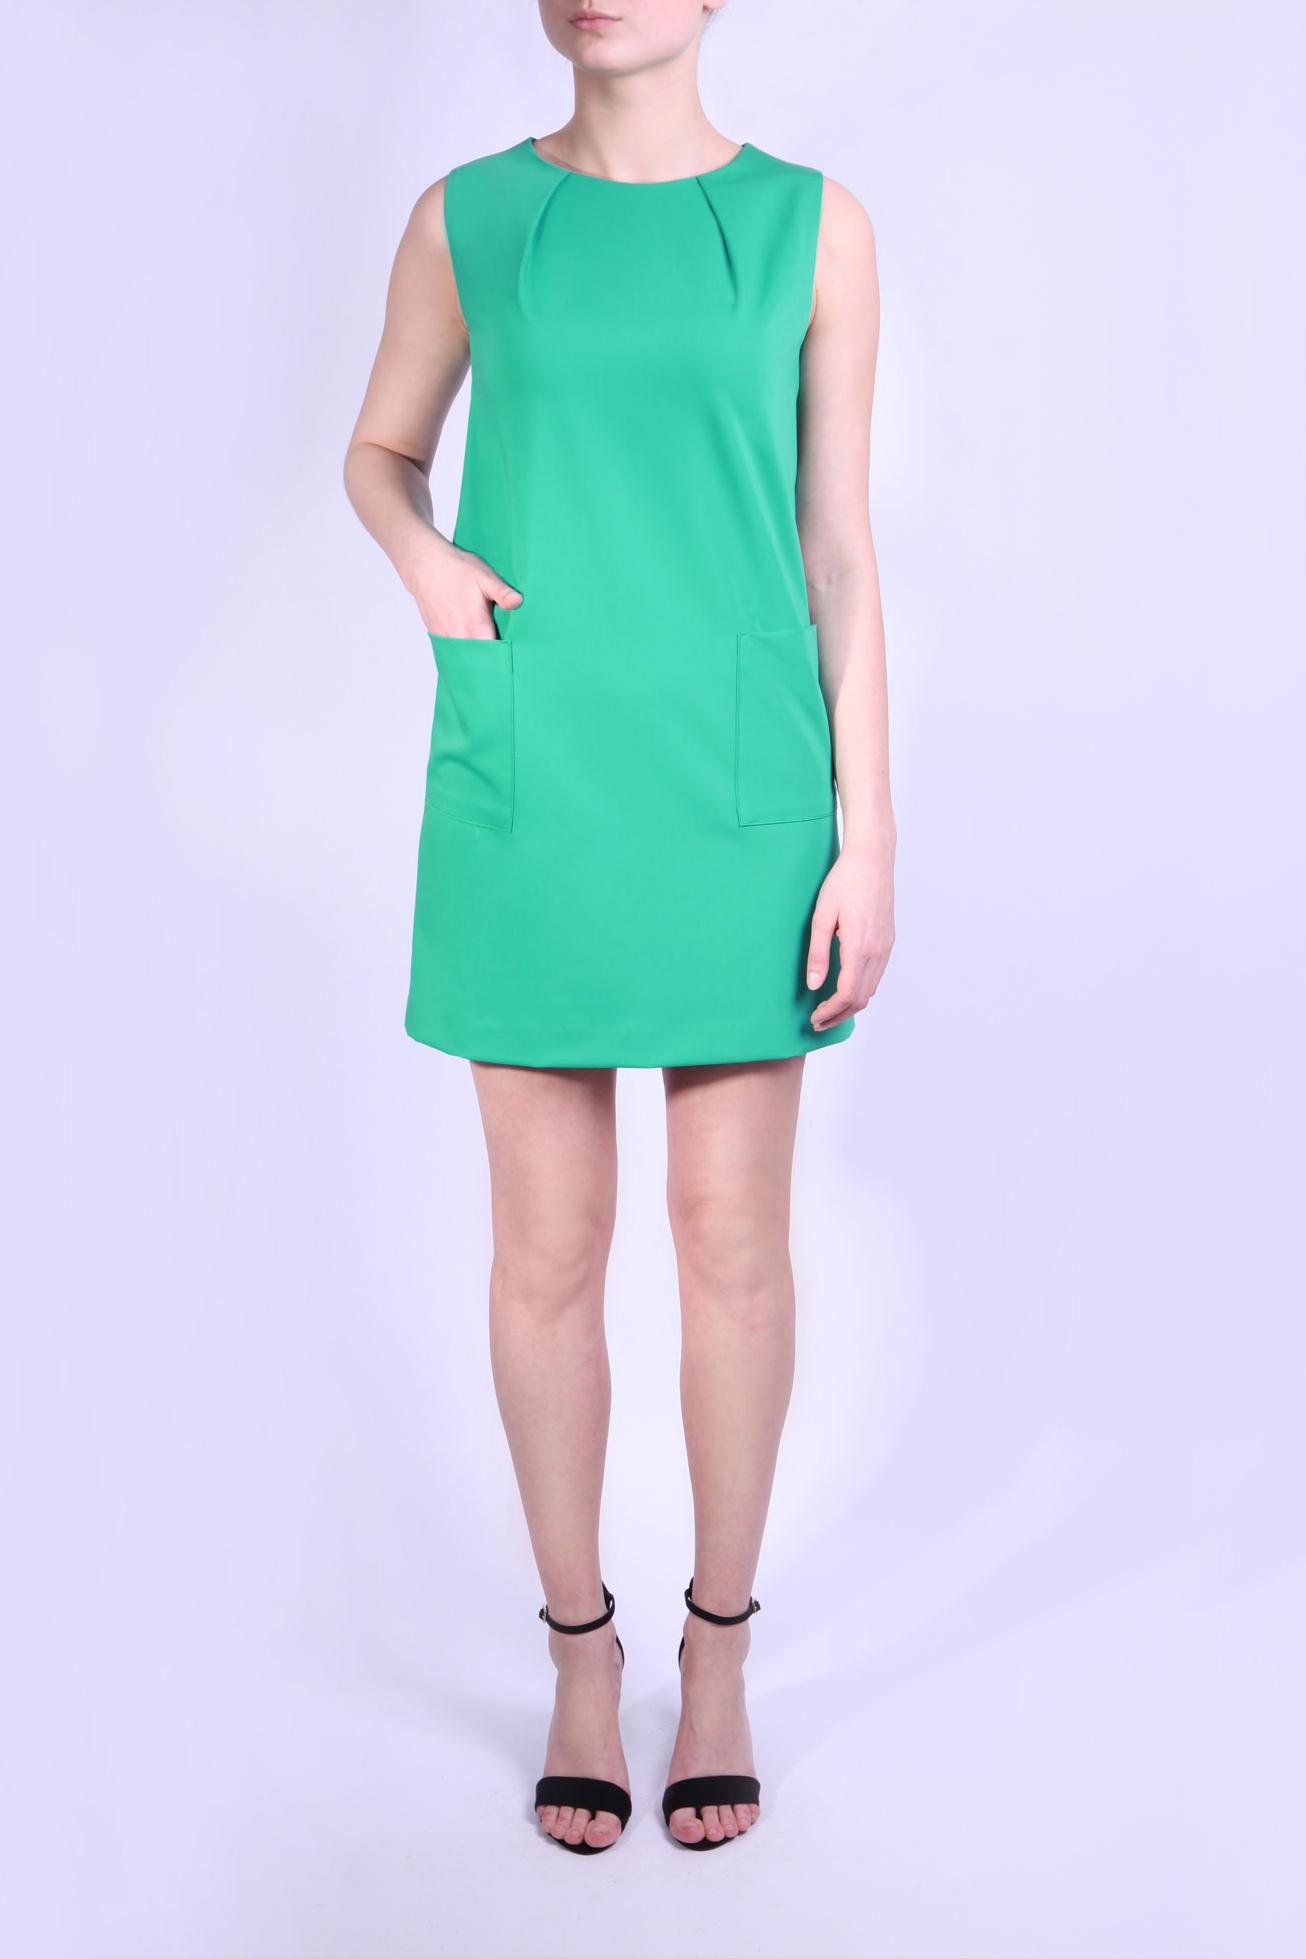 ПлатьеПлатья<br>Платье без рукавов, круглая горловина, защипы по горловине, накладные карманы, потайная молния 18-20 см сзади  Параметры размеров: Обхват груди размер 42 - 84 см, размер 44 - 88 см, размер 46 - 92 см, размер 48 - 96 см, размер 50 - 100 см, размер 52 - 104 см Обхват талии размер 42 - 64 см, размер 44 - 68 см, размер 46 - 72 см, размер 48 - 76 см, размер 50 - 80 см, размер 52 - 84 см Обхват бедер размер 42 - 92 см, размер 44 - 96 см, размер 46 - 100 см, размер 48 - 104 см, размер 50 - 108 см, размер 52 - 112 см  В изделии использованы цвета: зеленый  Ростовка изделия 164 см.<br><br>Горловина: С- горловина<br>По длине: До колена,Мини<br>По материалу: Вискоза,Тканевые<br>По рисунку: Однотонные<br>По силуэту: Полуприталенные<br>По стилю: Офисный стиль,Повседневный стиль<br>По форме: Платье - трапеция<br>По элементам: С карманами,Со складками<br>Рукав: Без рукавов<br>По сезону: Осень,Весна<br>Размер : 42,44,46,48,50,52<br>Материал: Плательная ткань<br>Количество в наличии: 10